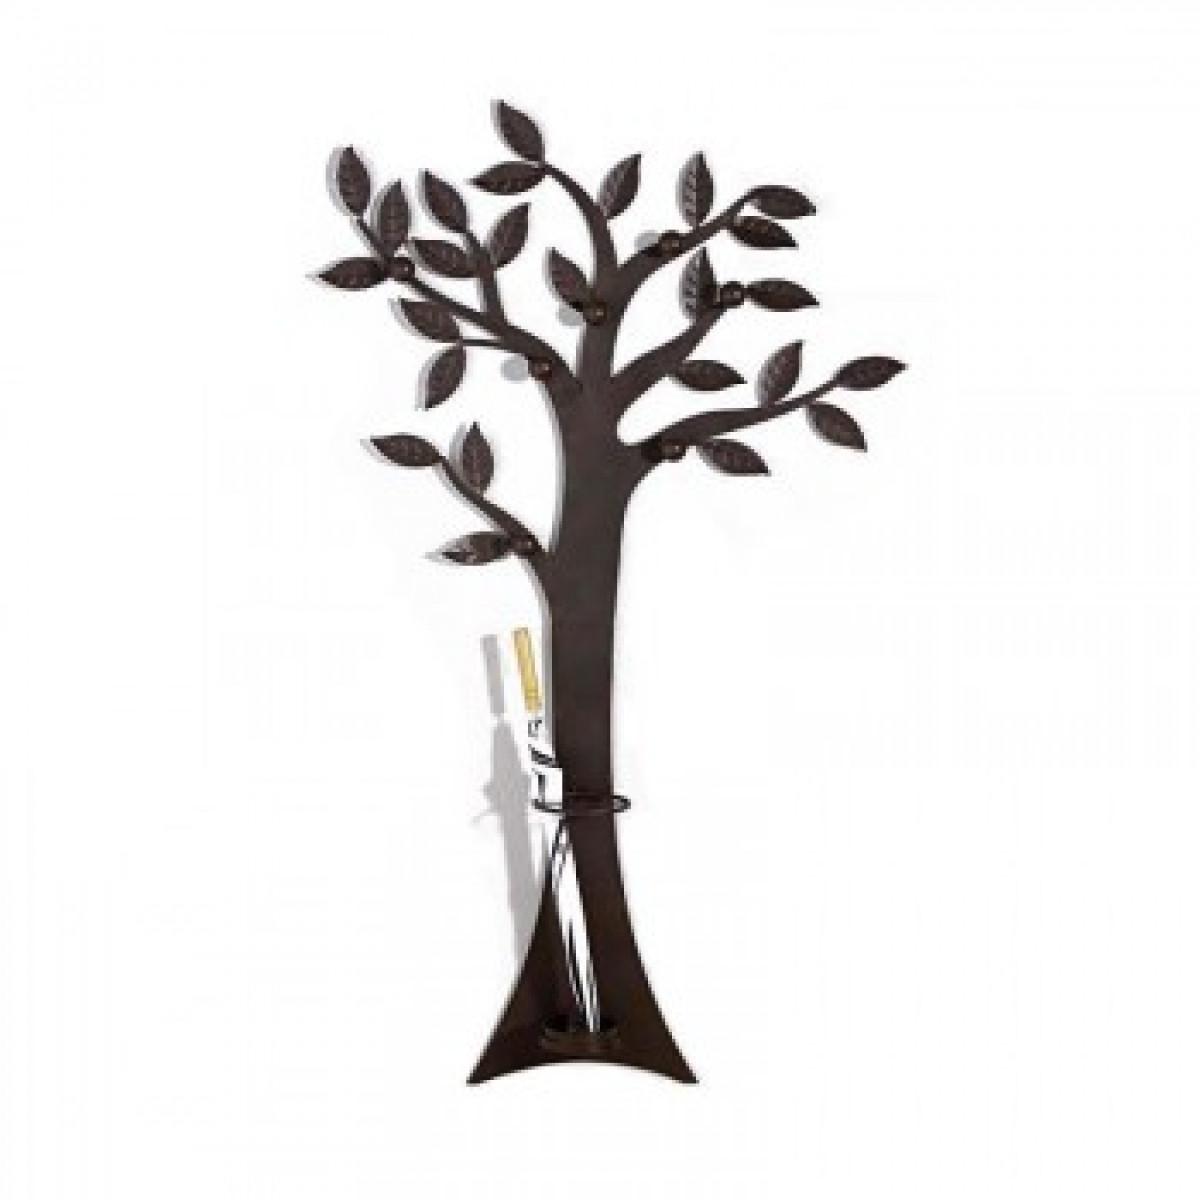 arbre porte manteaux parapluie metal rouille